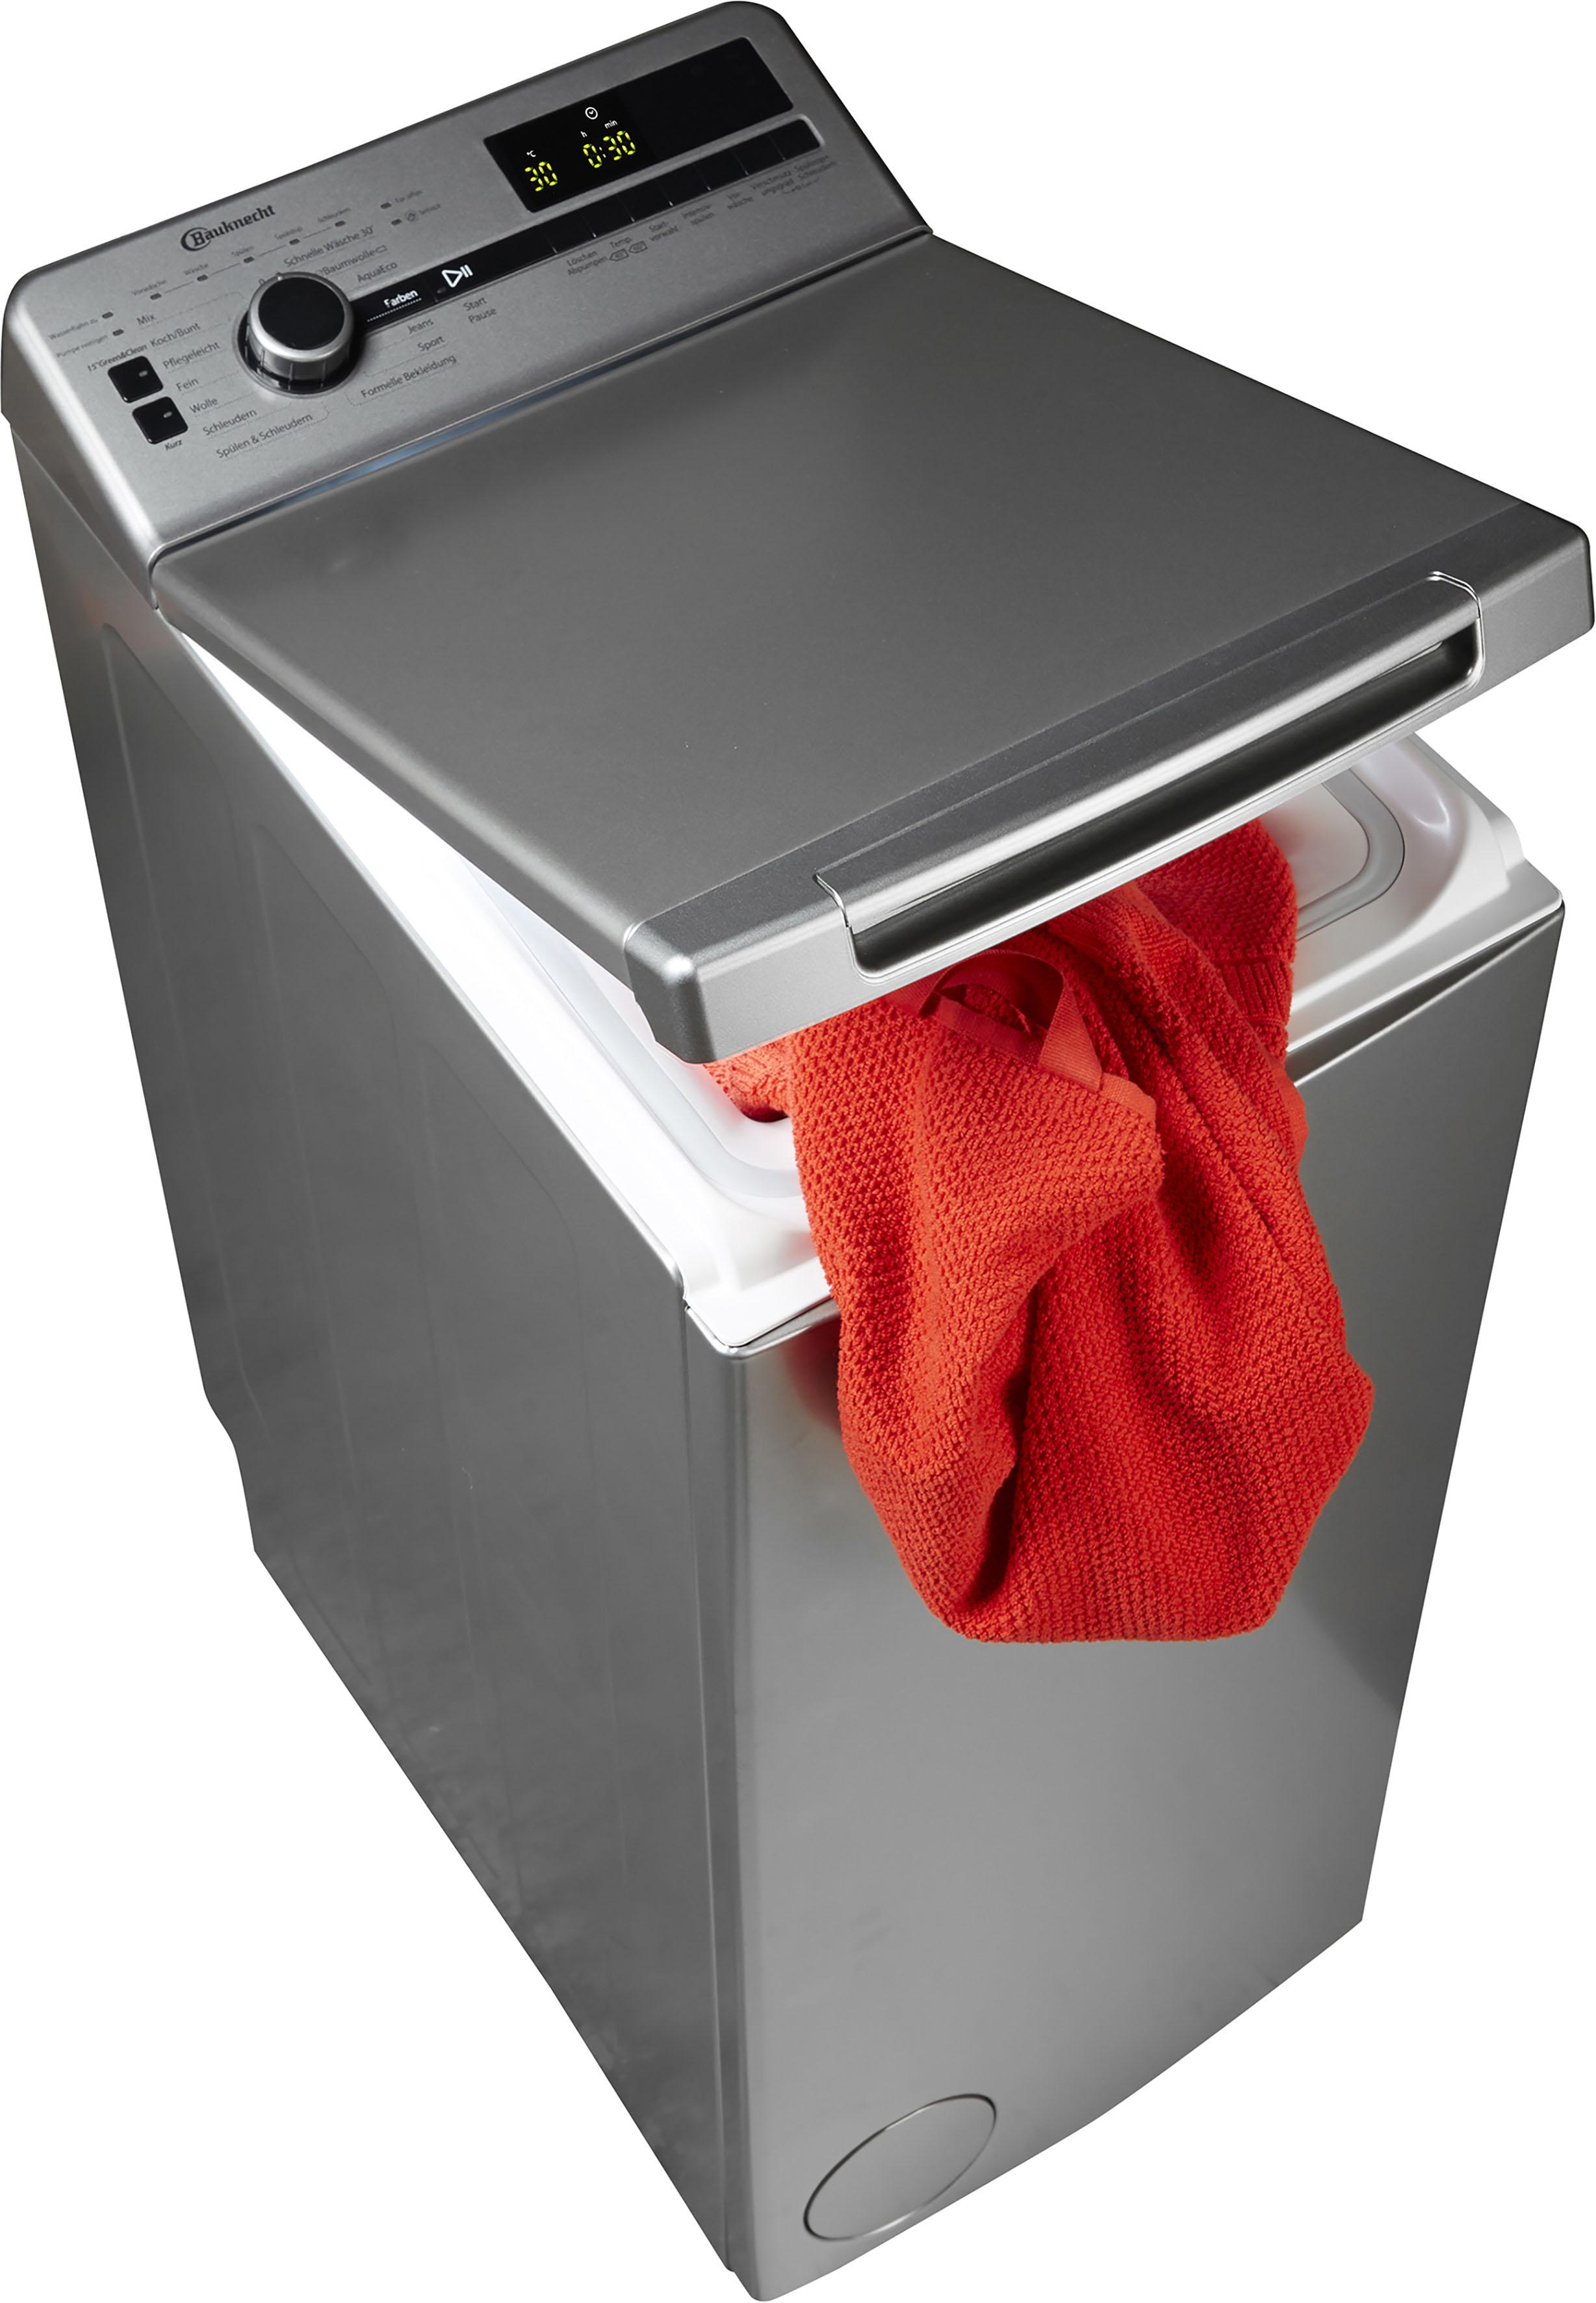 BAUKNECHT Waschmaschine Toplader WMT Silver 7 BD | Bad > Waschmaschinen und Trockner > Toplader | Bauknecht